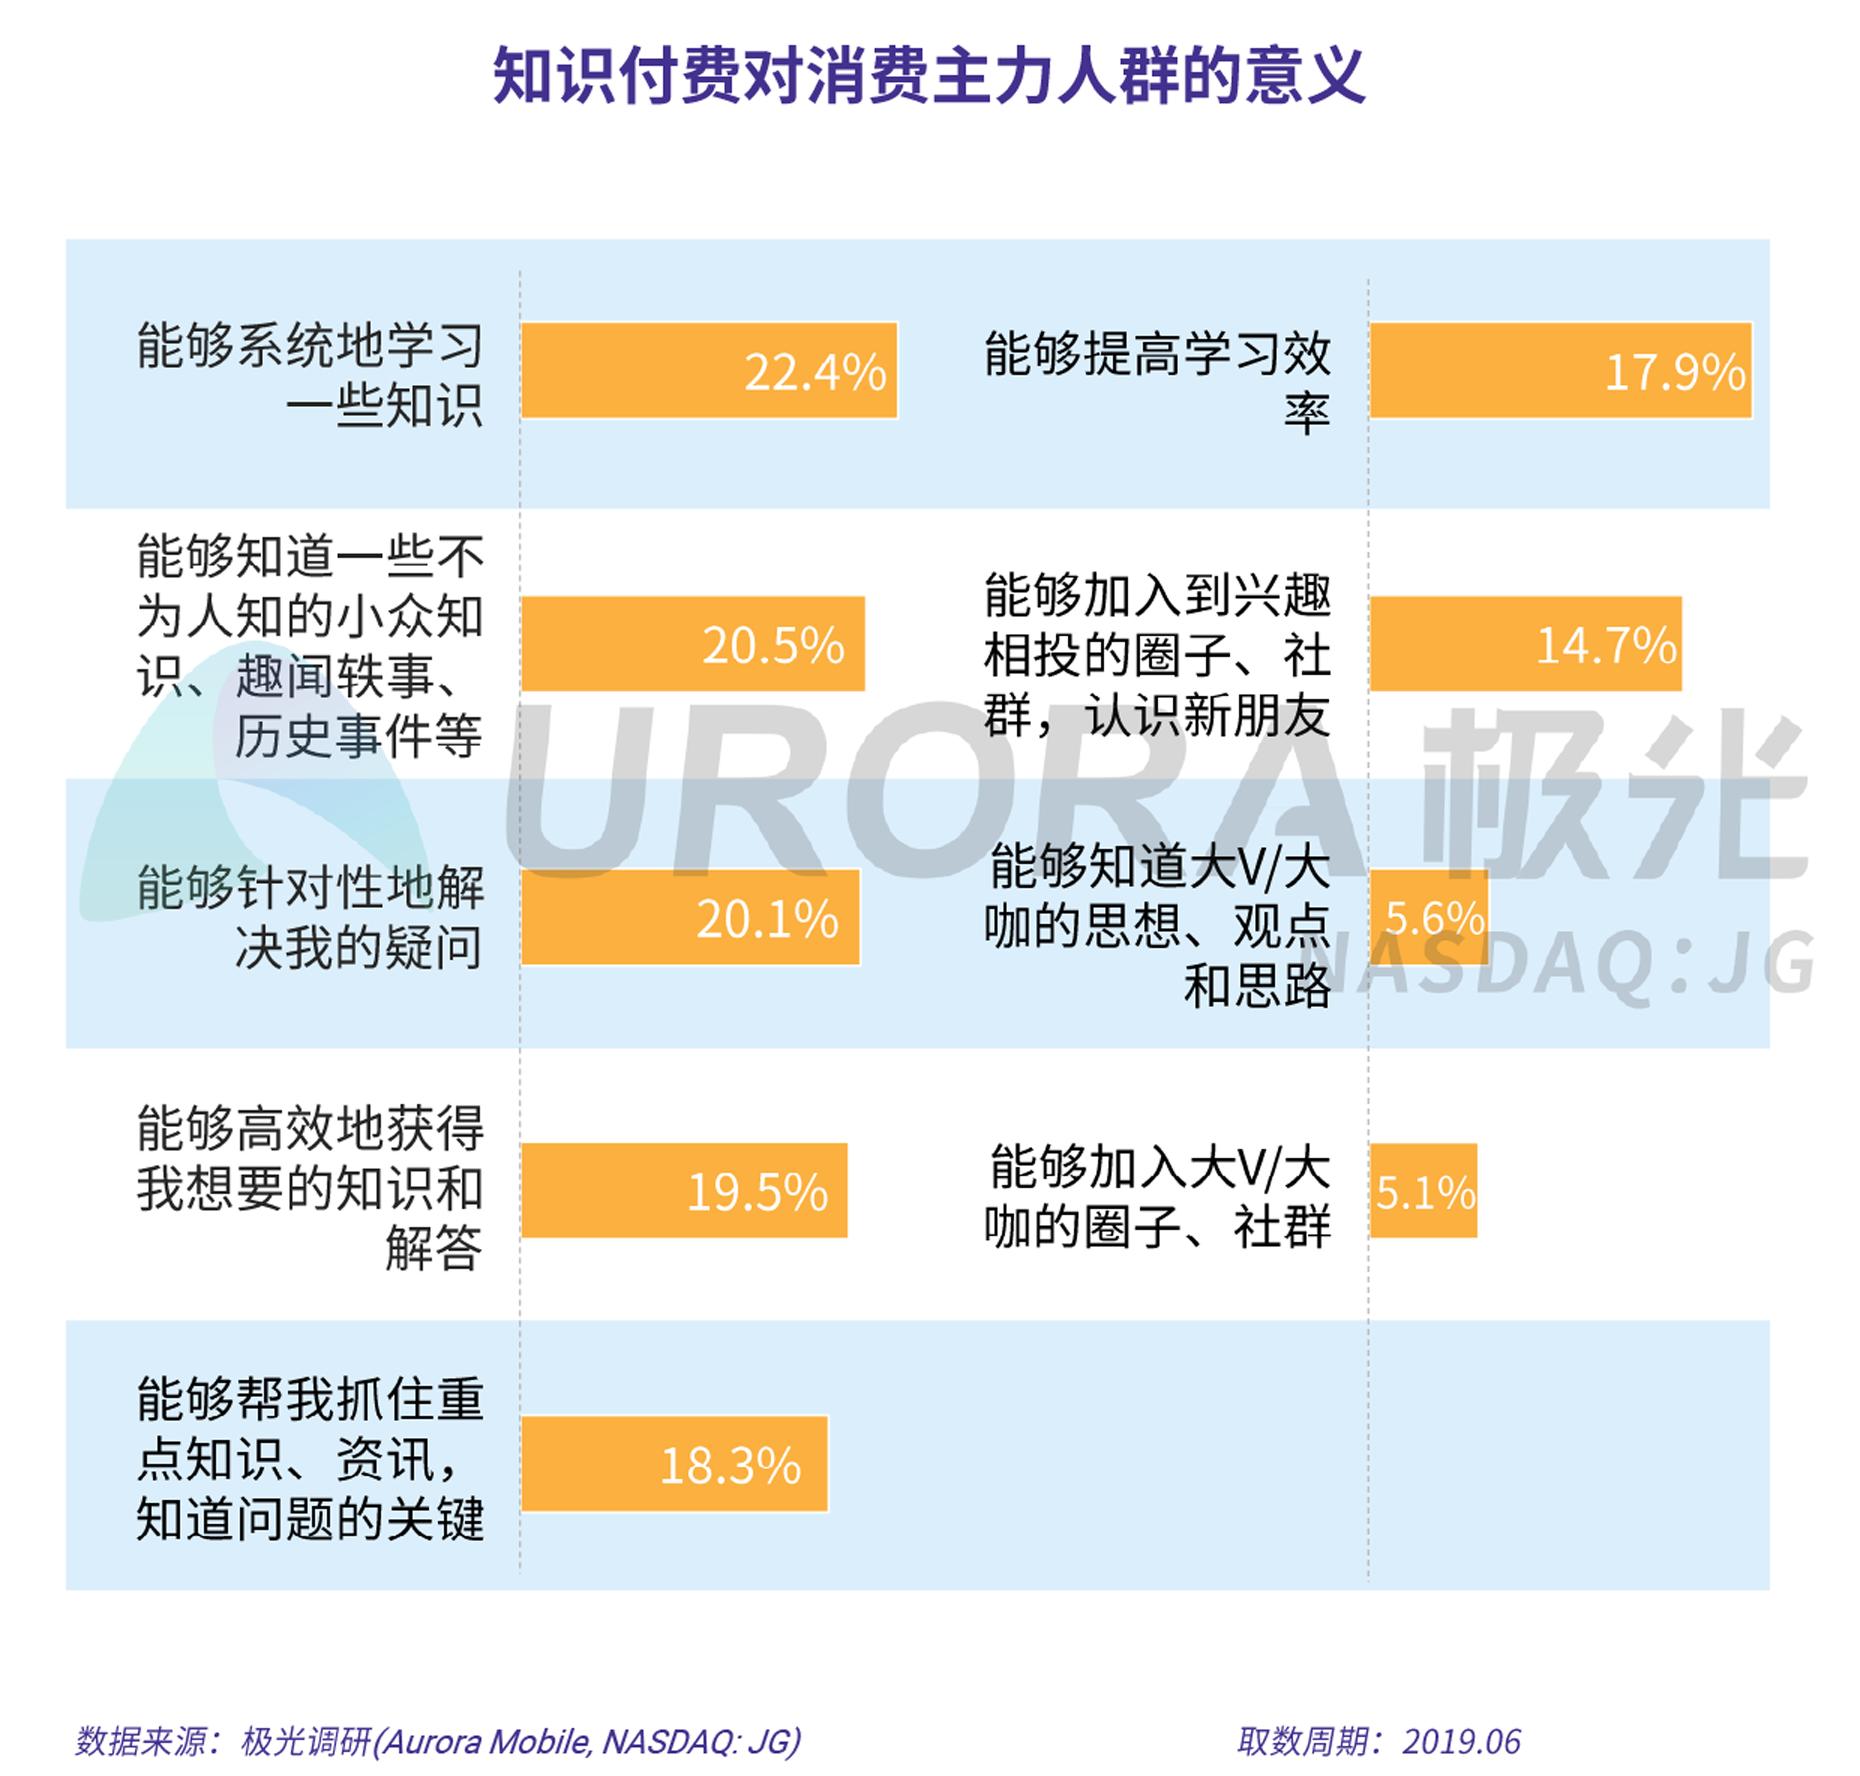 2019年消费主力人群虚拟产品付费研究报告-V5-17.png